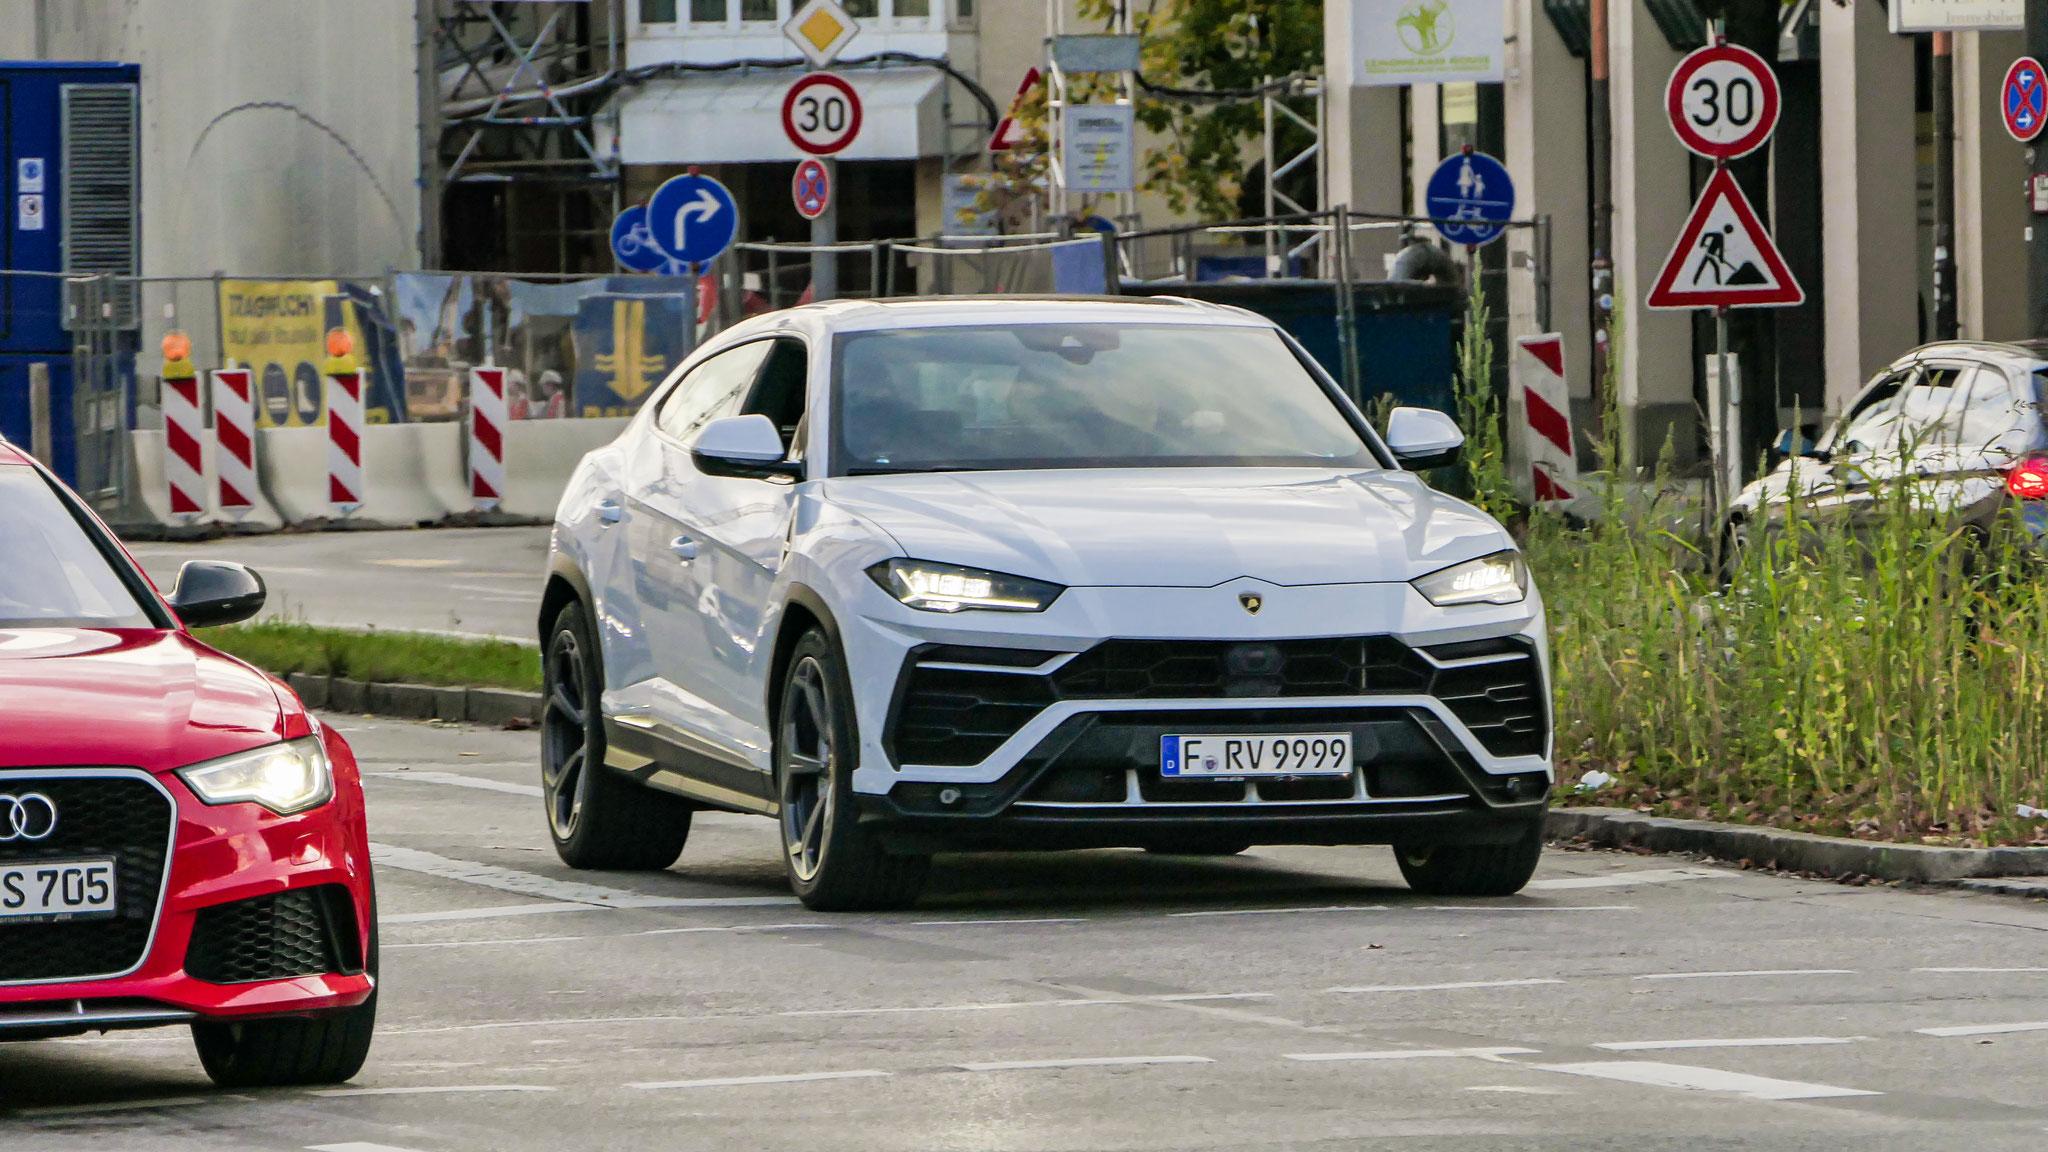 Lamborghini Urus - F-RV-9999